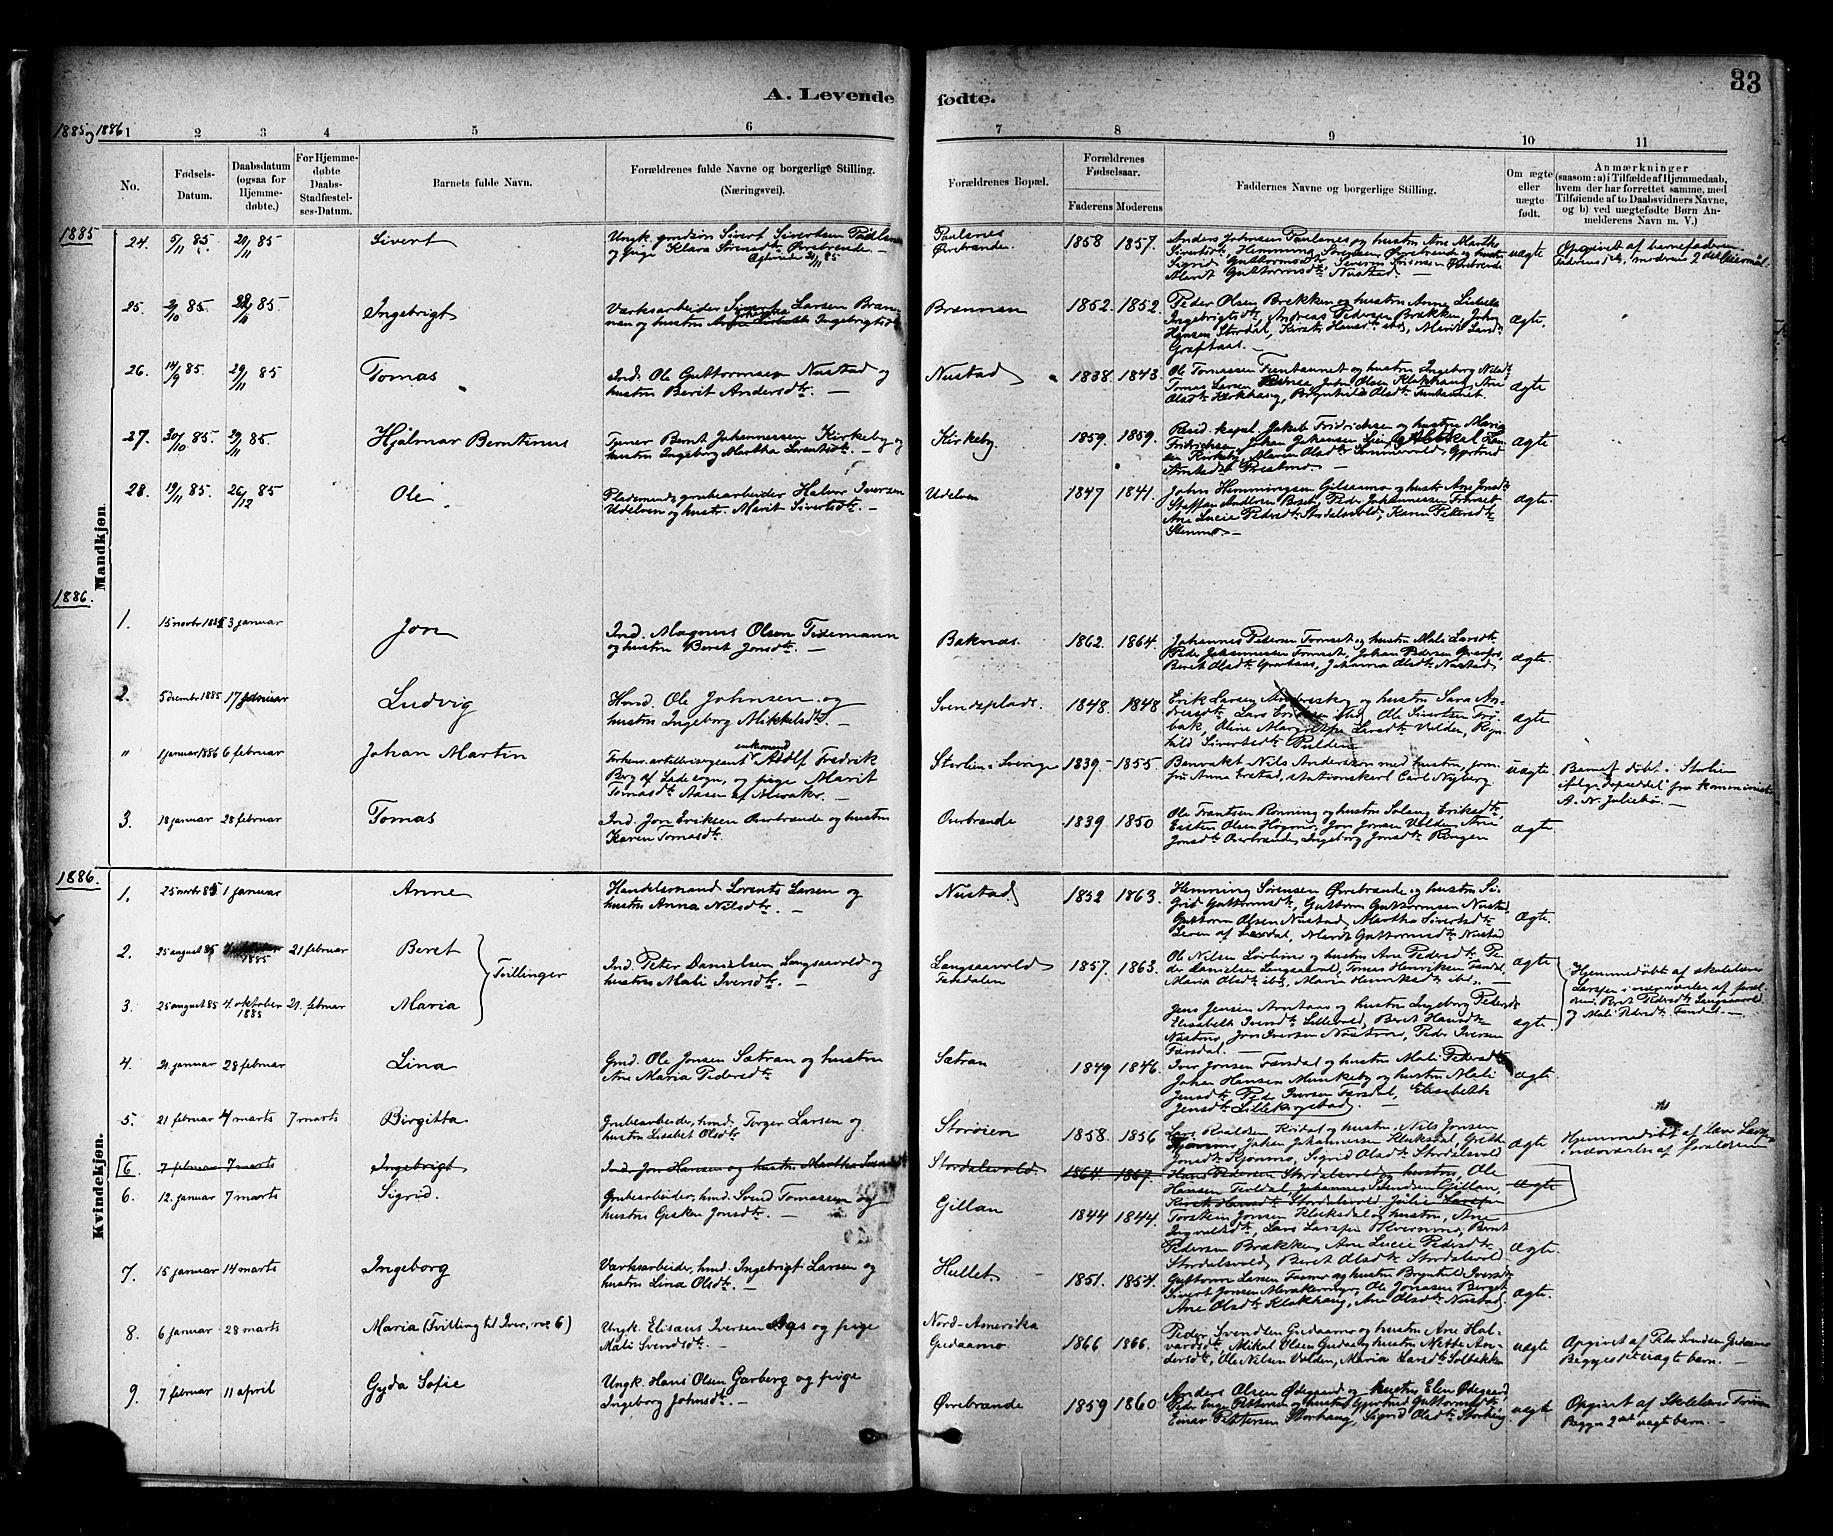 SAT, Ministerialprotokoller, klokkerbøker og fødselsregistre - Nord-Trøndelag, 706/L0047: Ministerialbok nr. 706A03, 1878-1892, s. 33